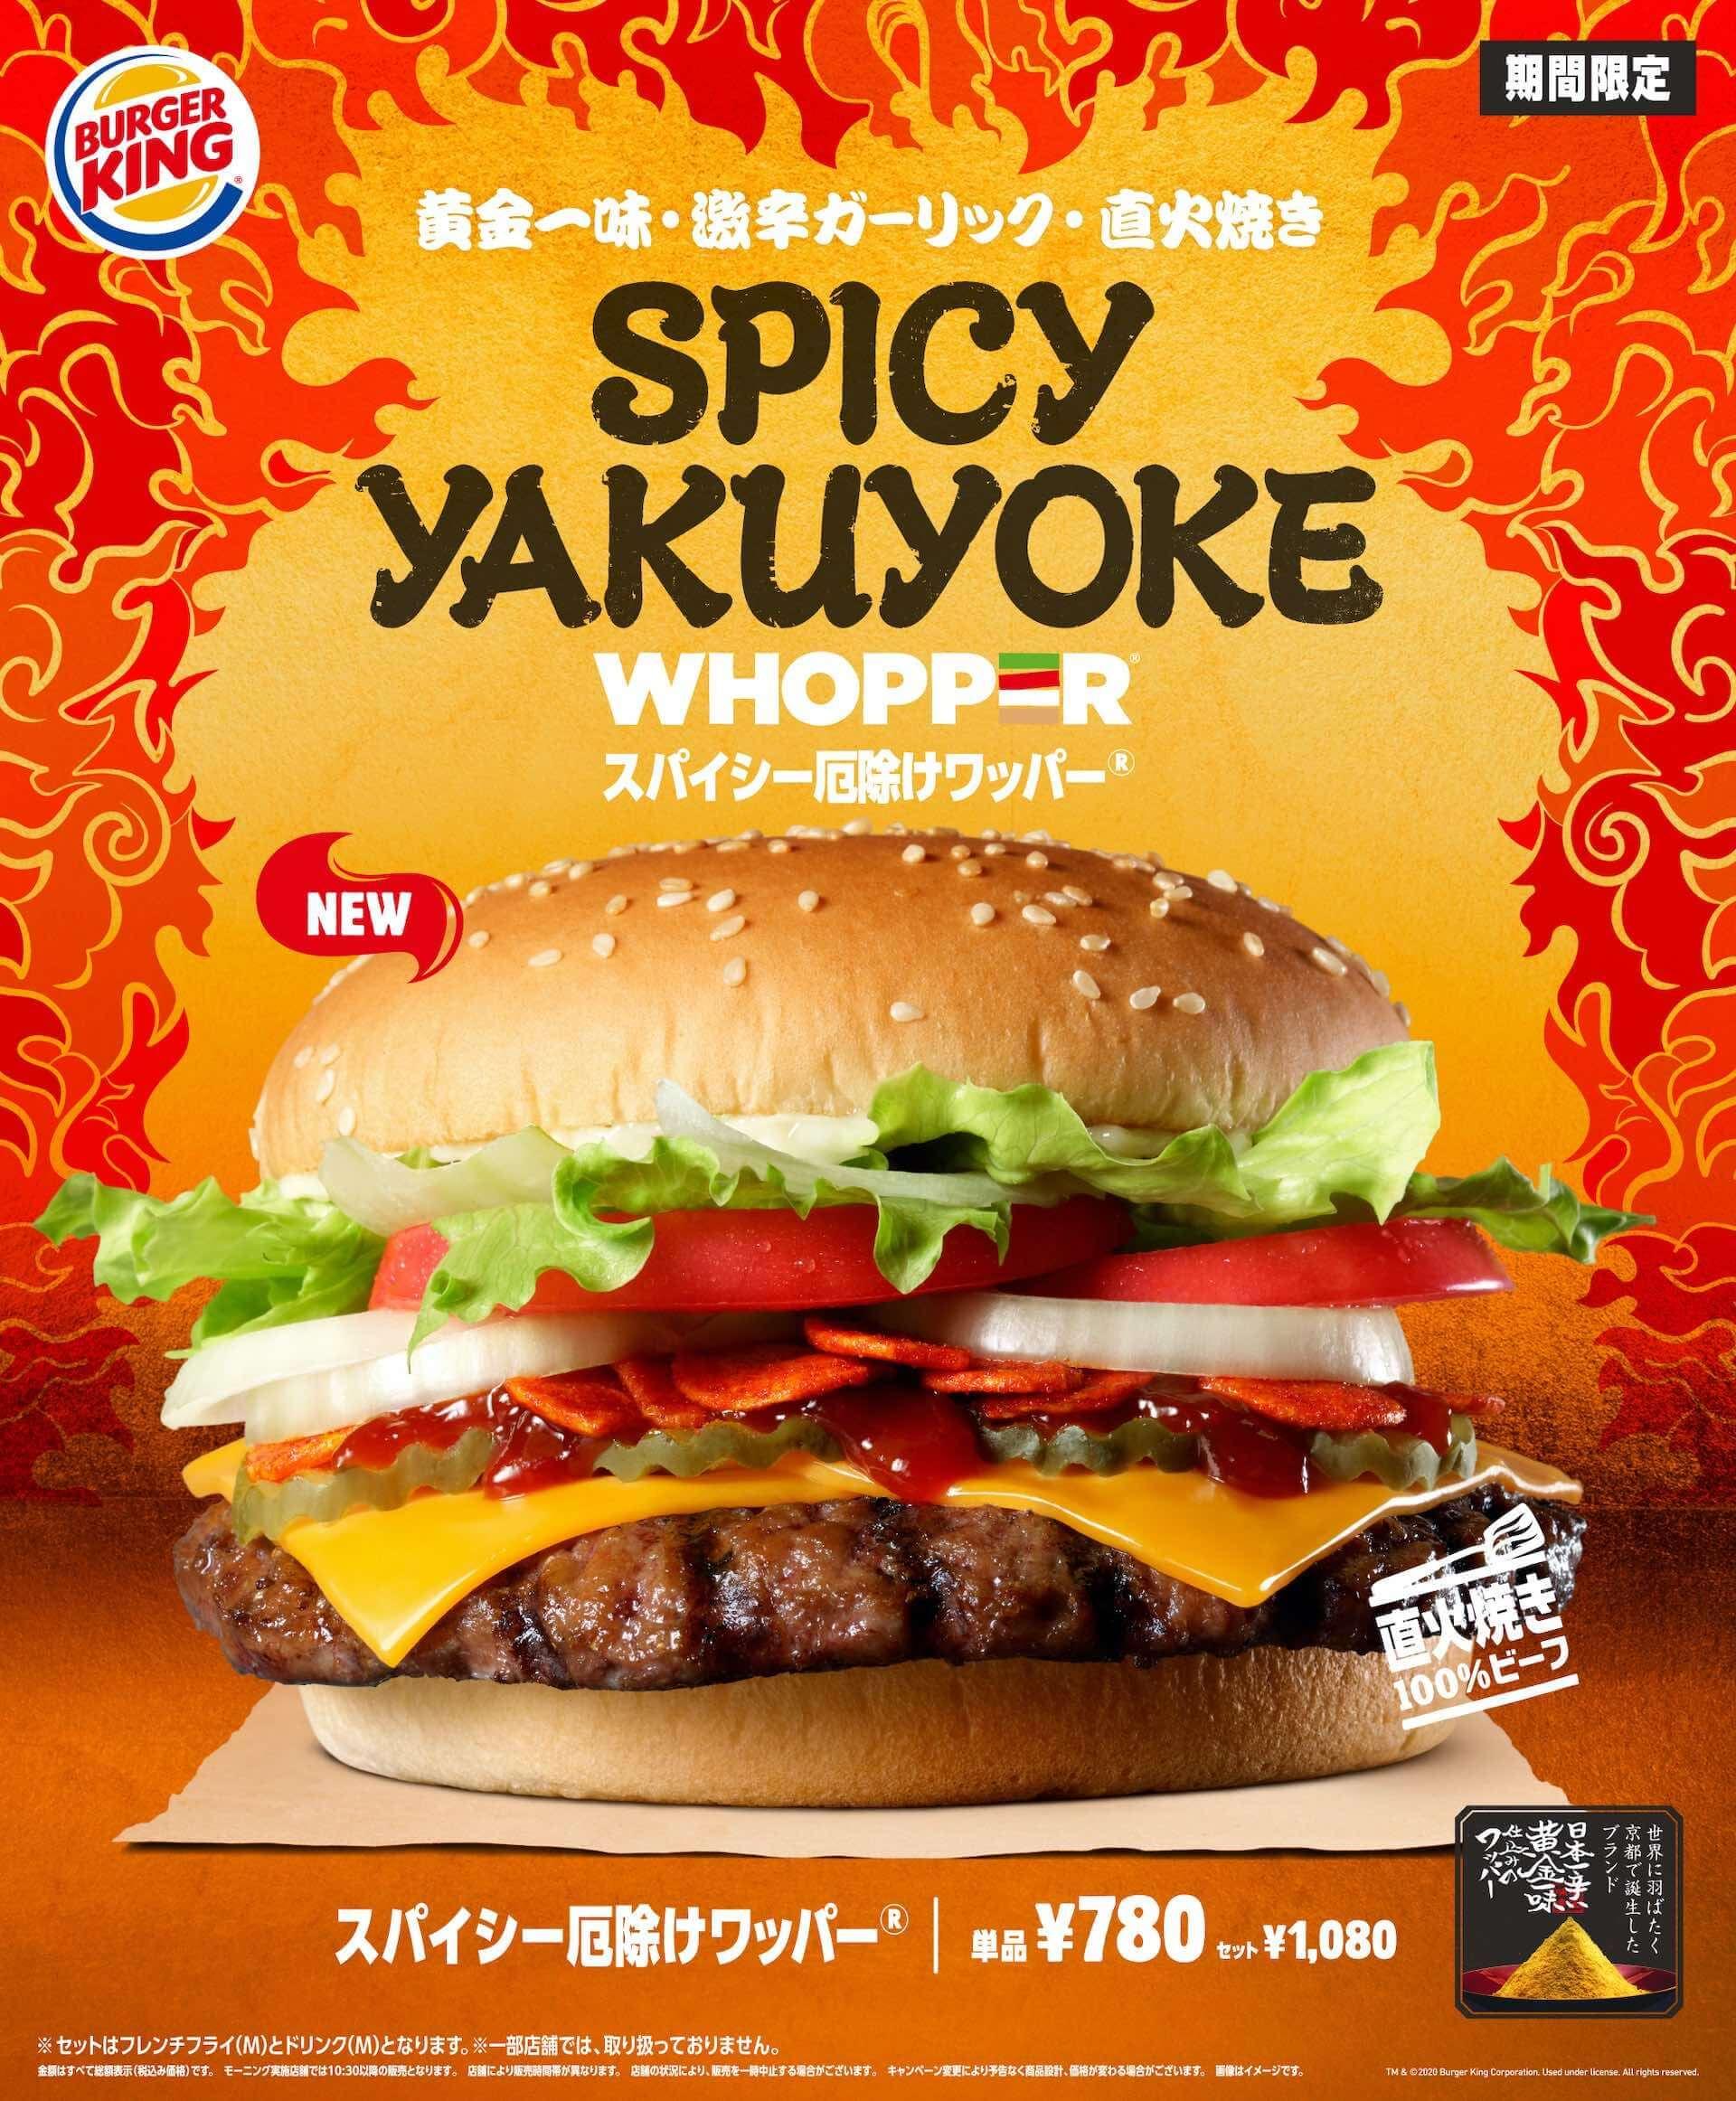 日本一辛い黄金一味を使用したバーガーキングの新商品でフレッシュな新年を!『スパイシー厄除けワッパー』が明日発売 gourmet201224_burgerking_3-1920x2324